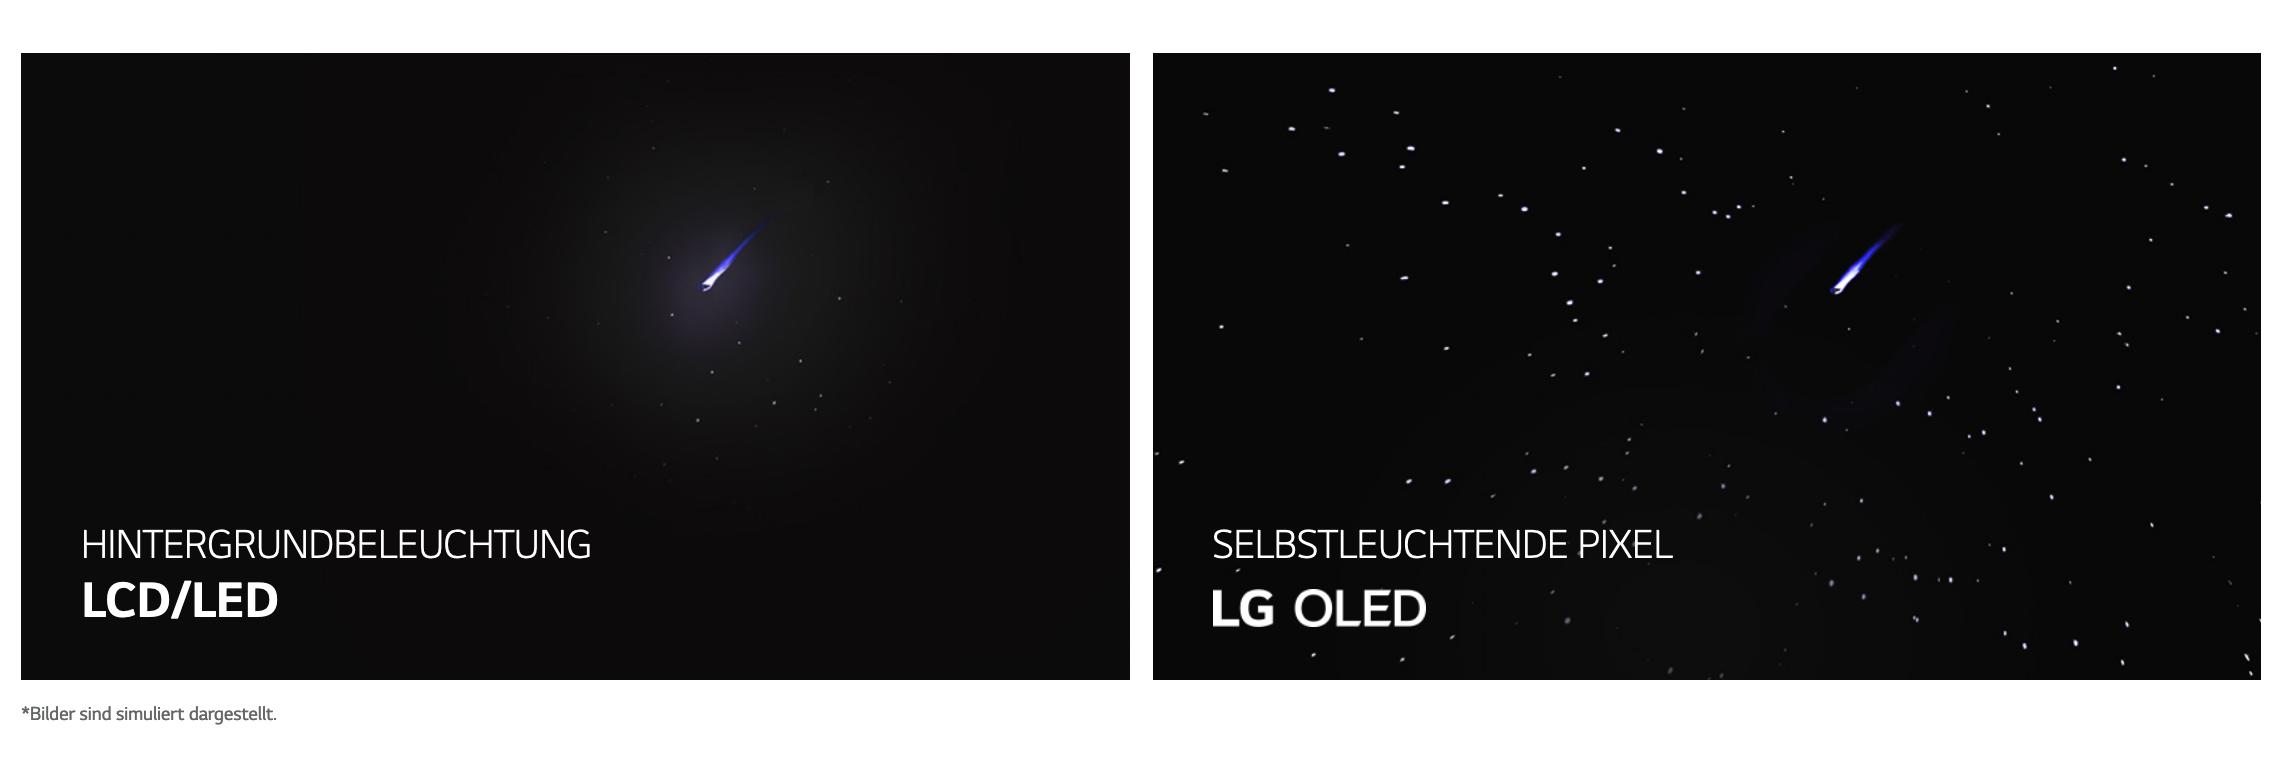 Screenshot_2020-10-02-Die-Vorteile-selbstleuchtender-Pixel-LG-Deutschland